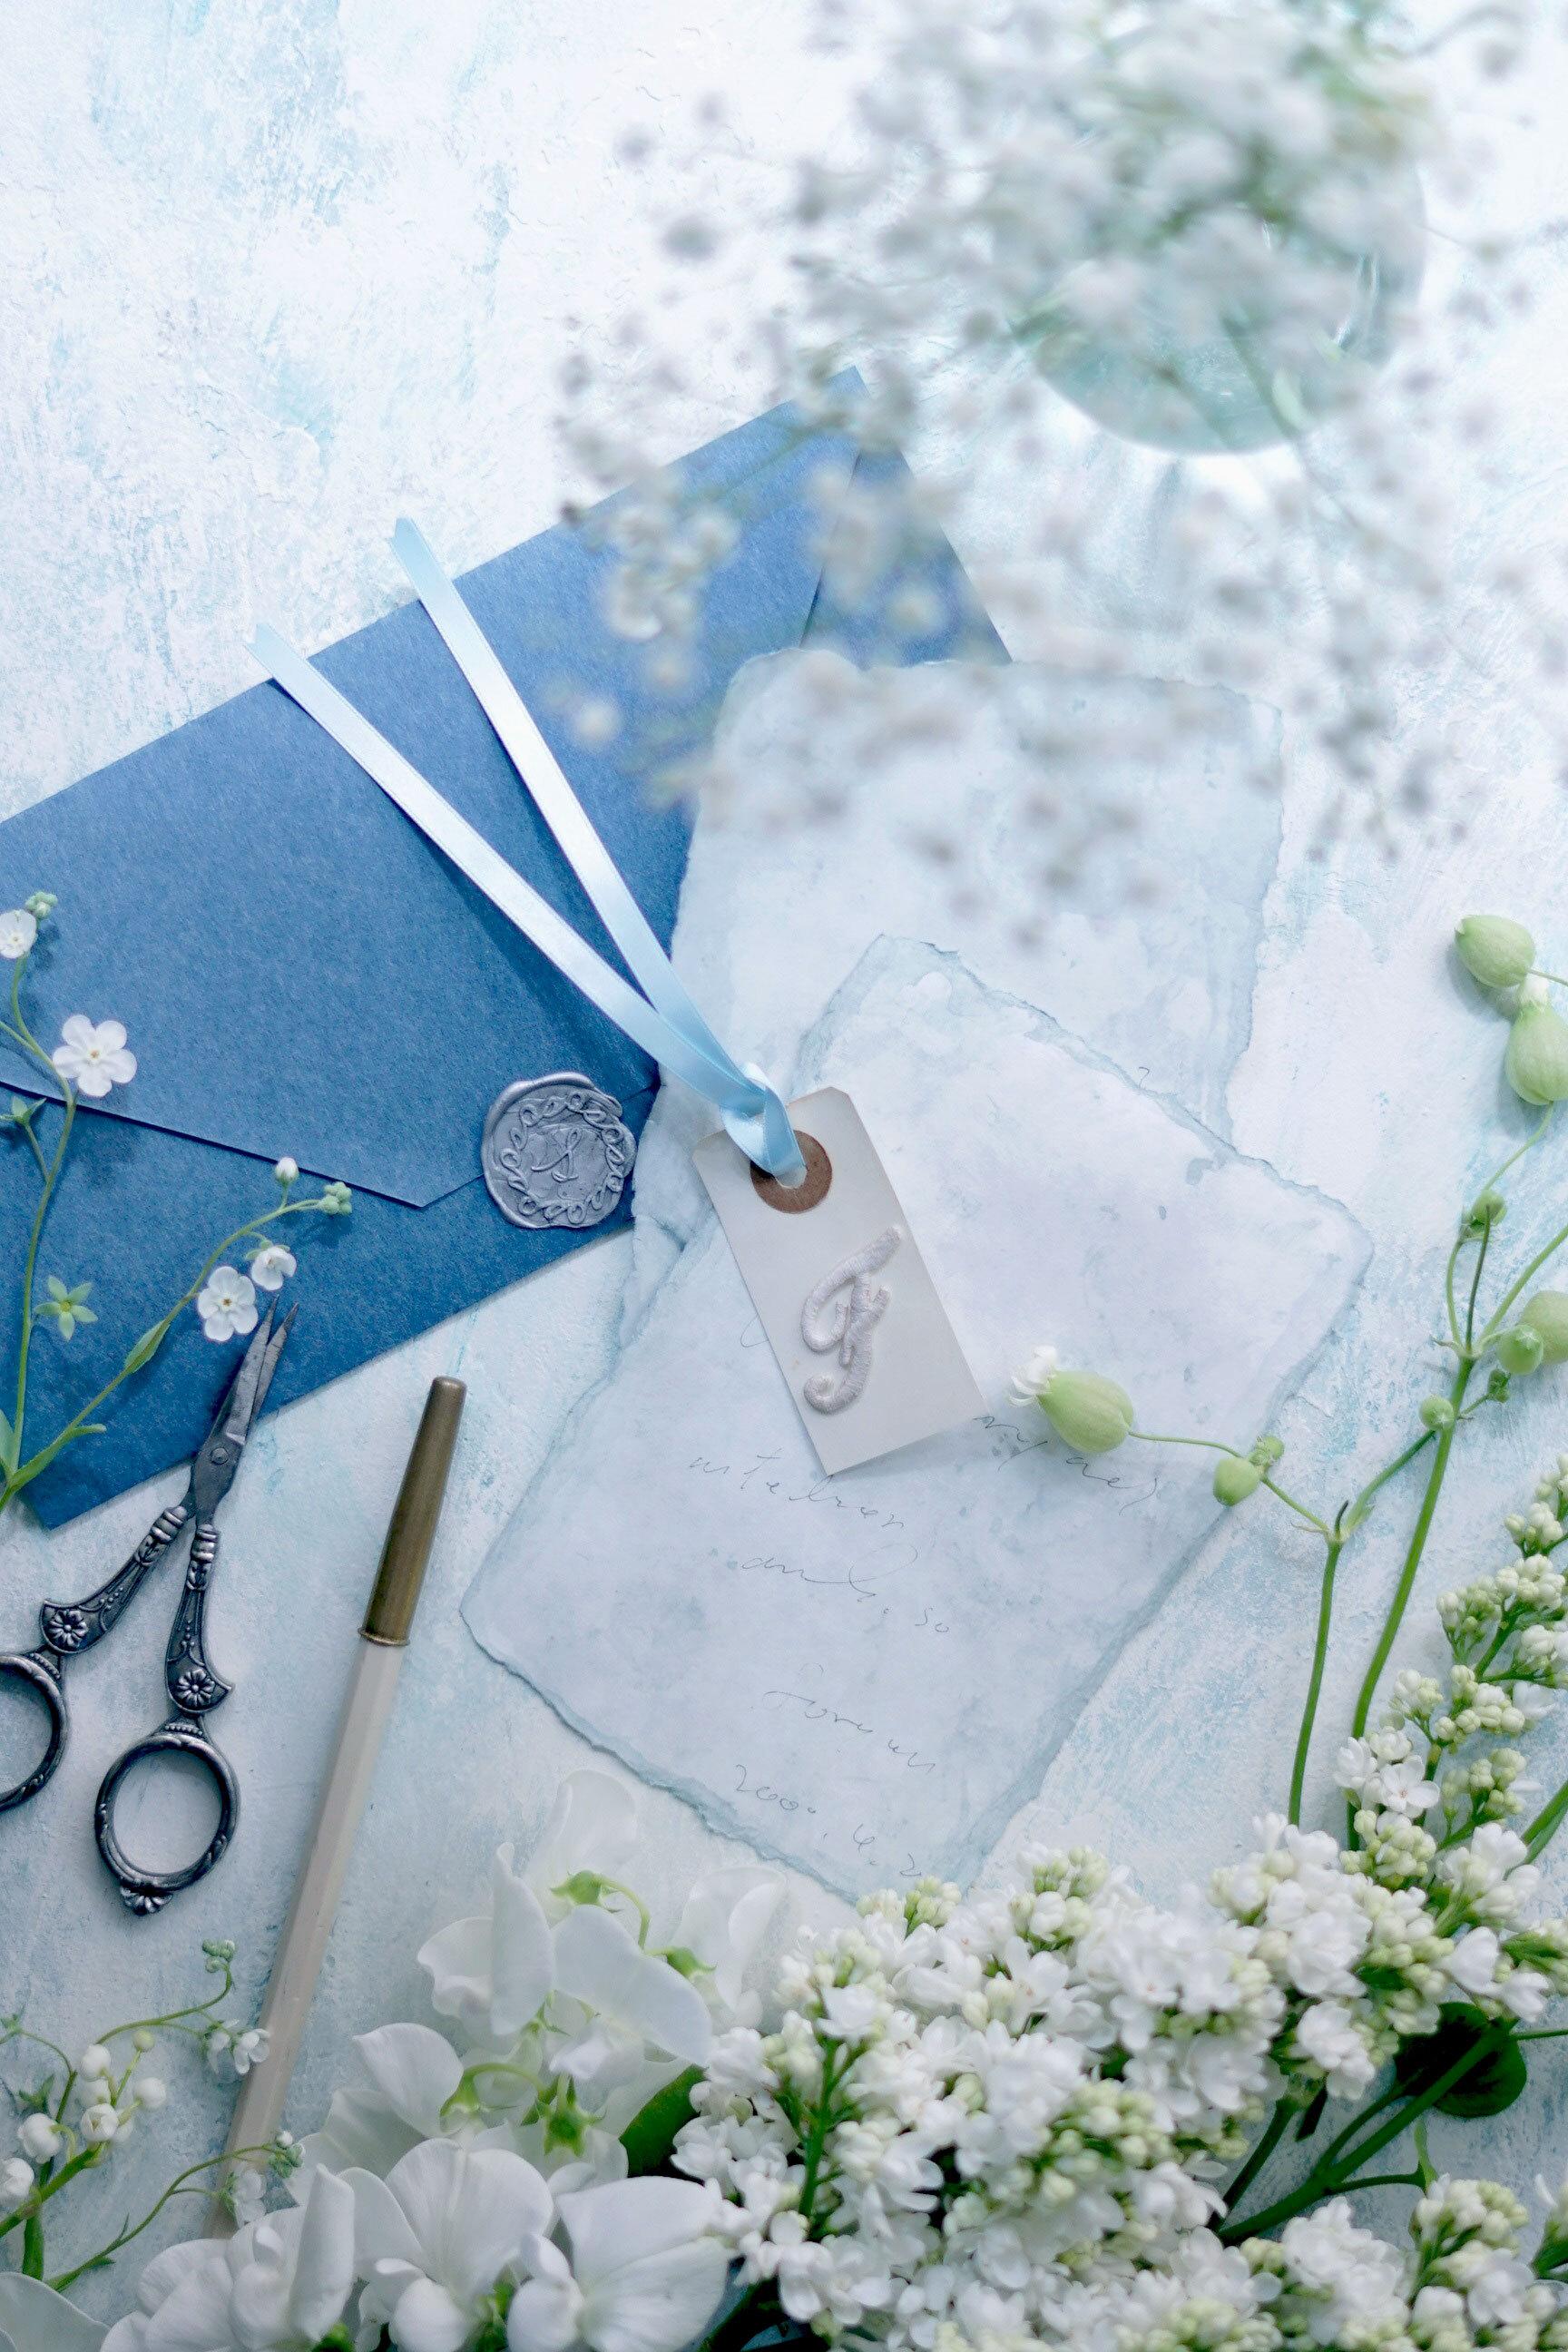 60サイズ:サムシングブルー「花香」を感じる5種の淡い色のスタイリングボード